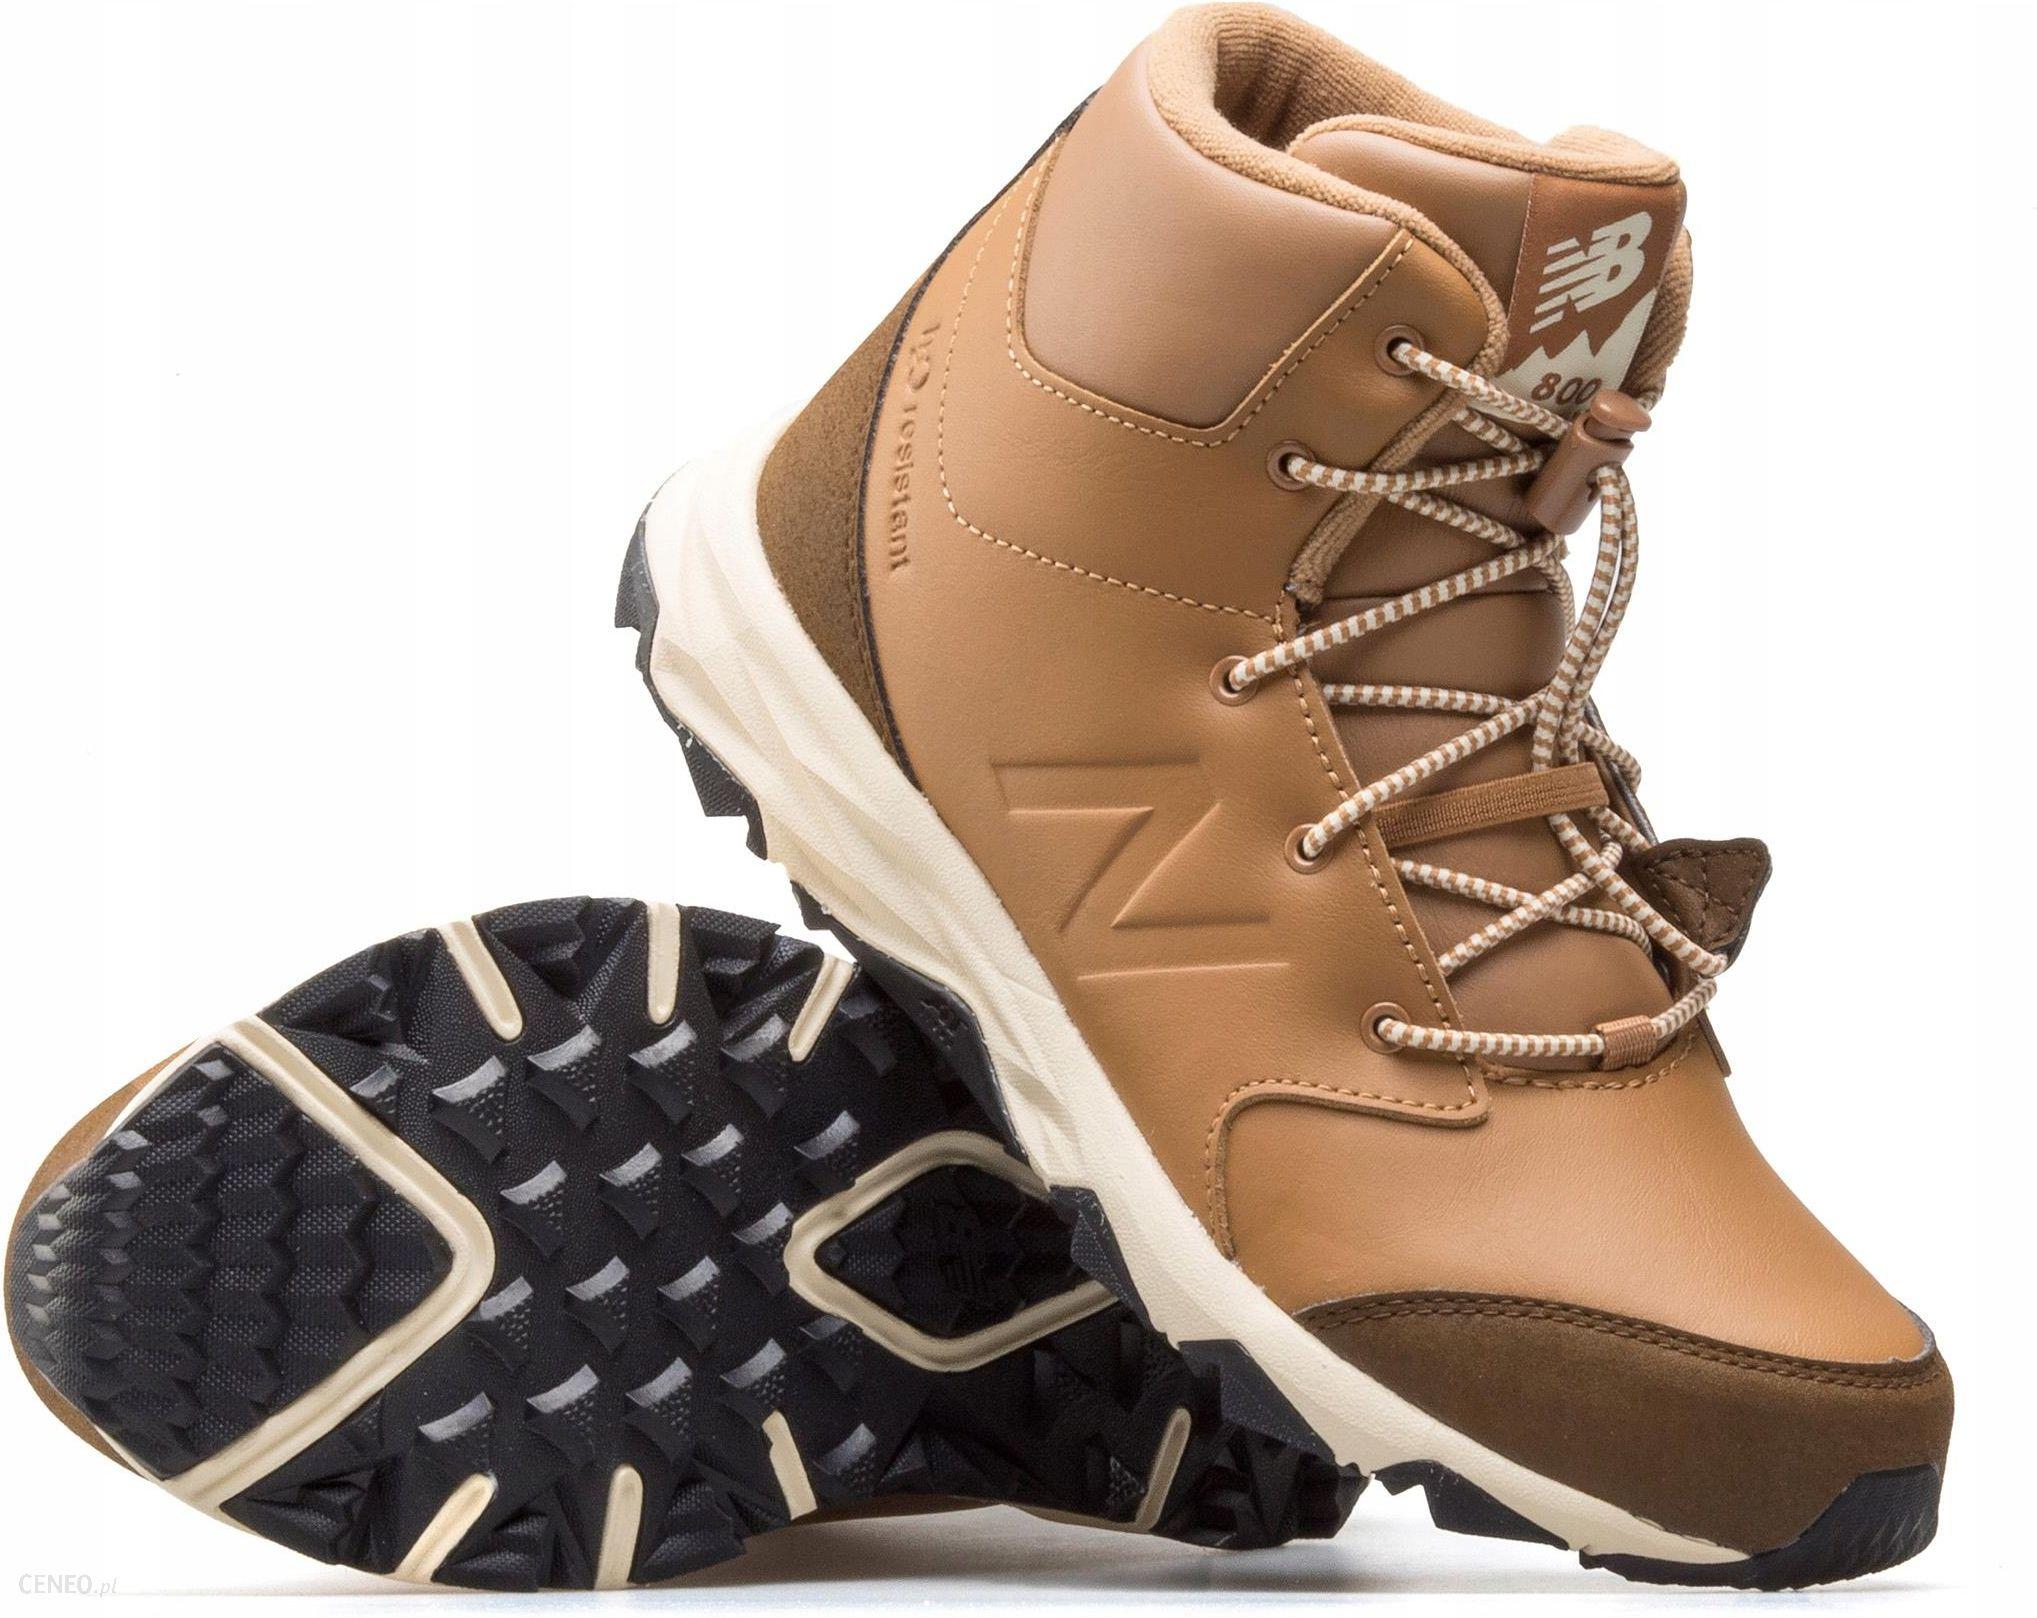 c9925715 Buty damskie zimowe New Balance KH800TNY r. 37 - Ceny i opinie ...